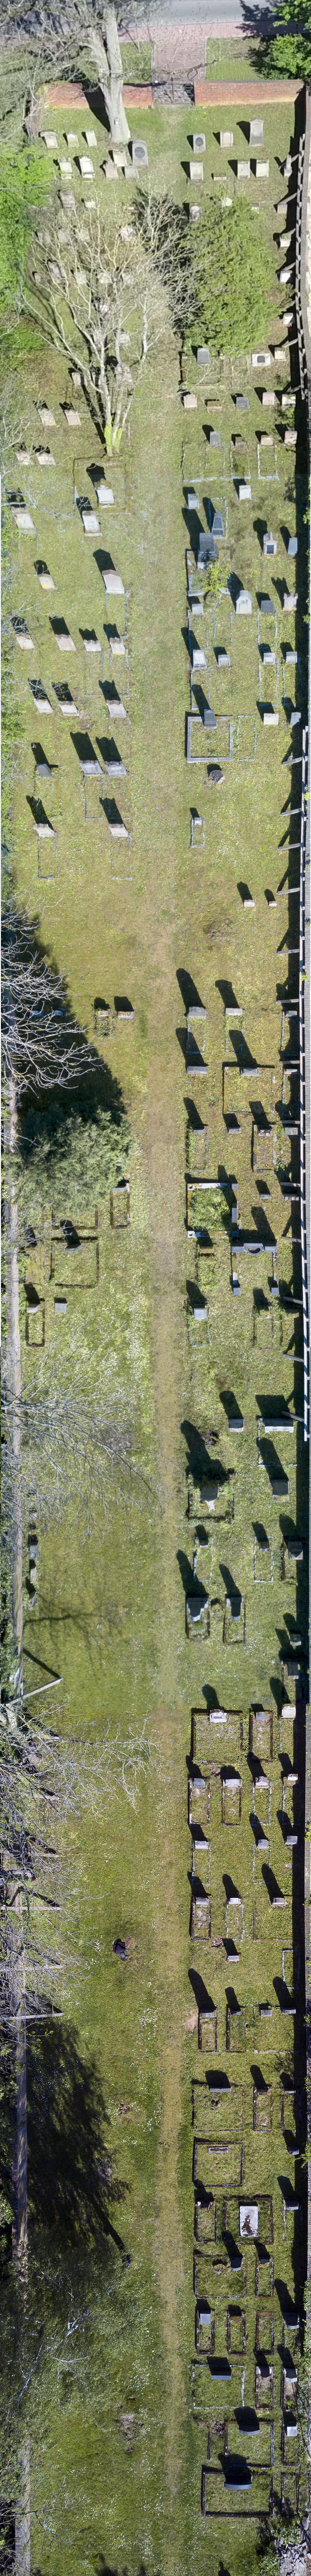 Friedhofsplan